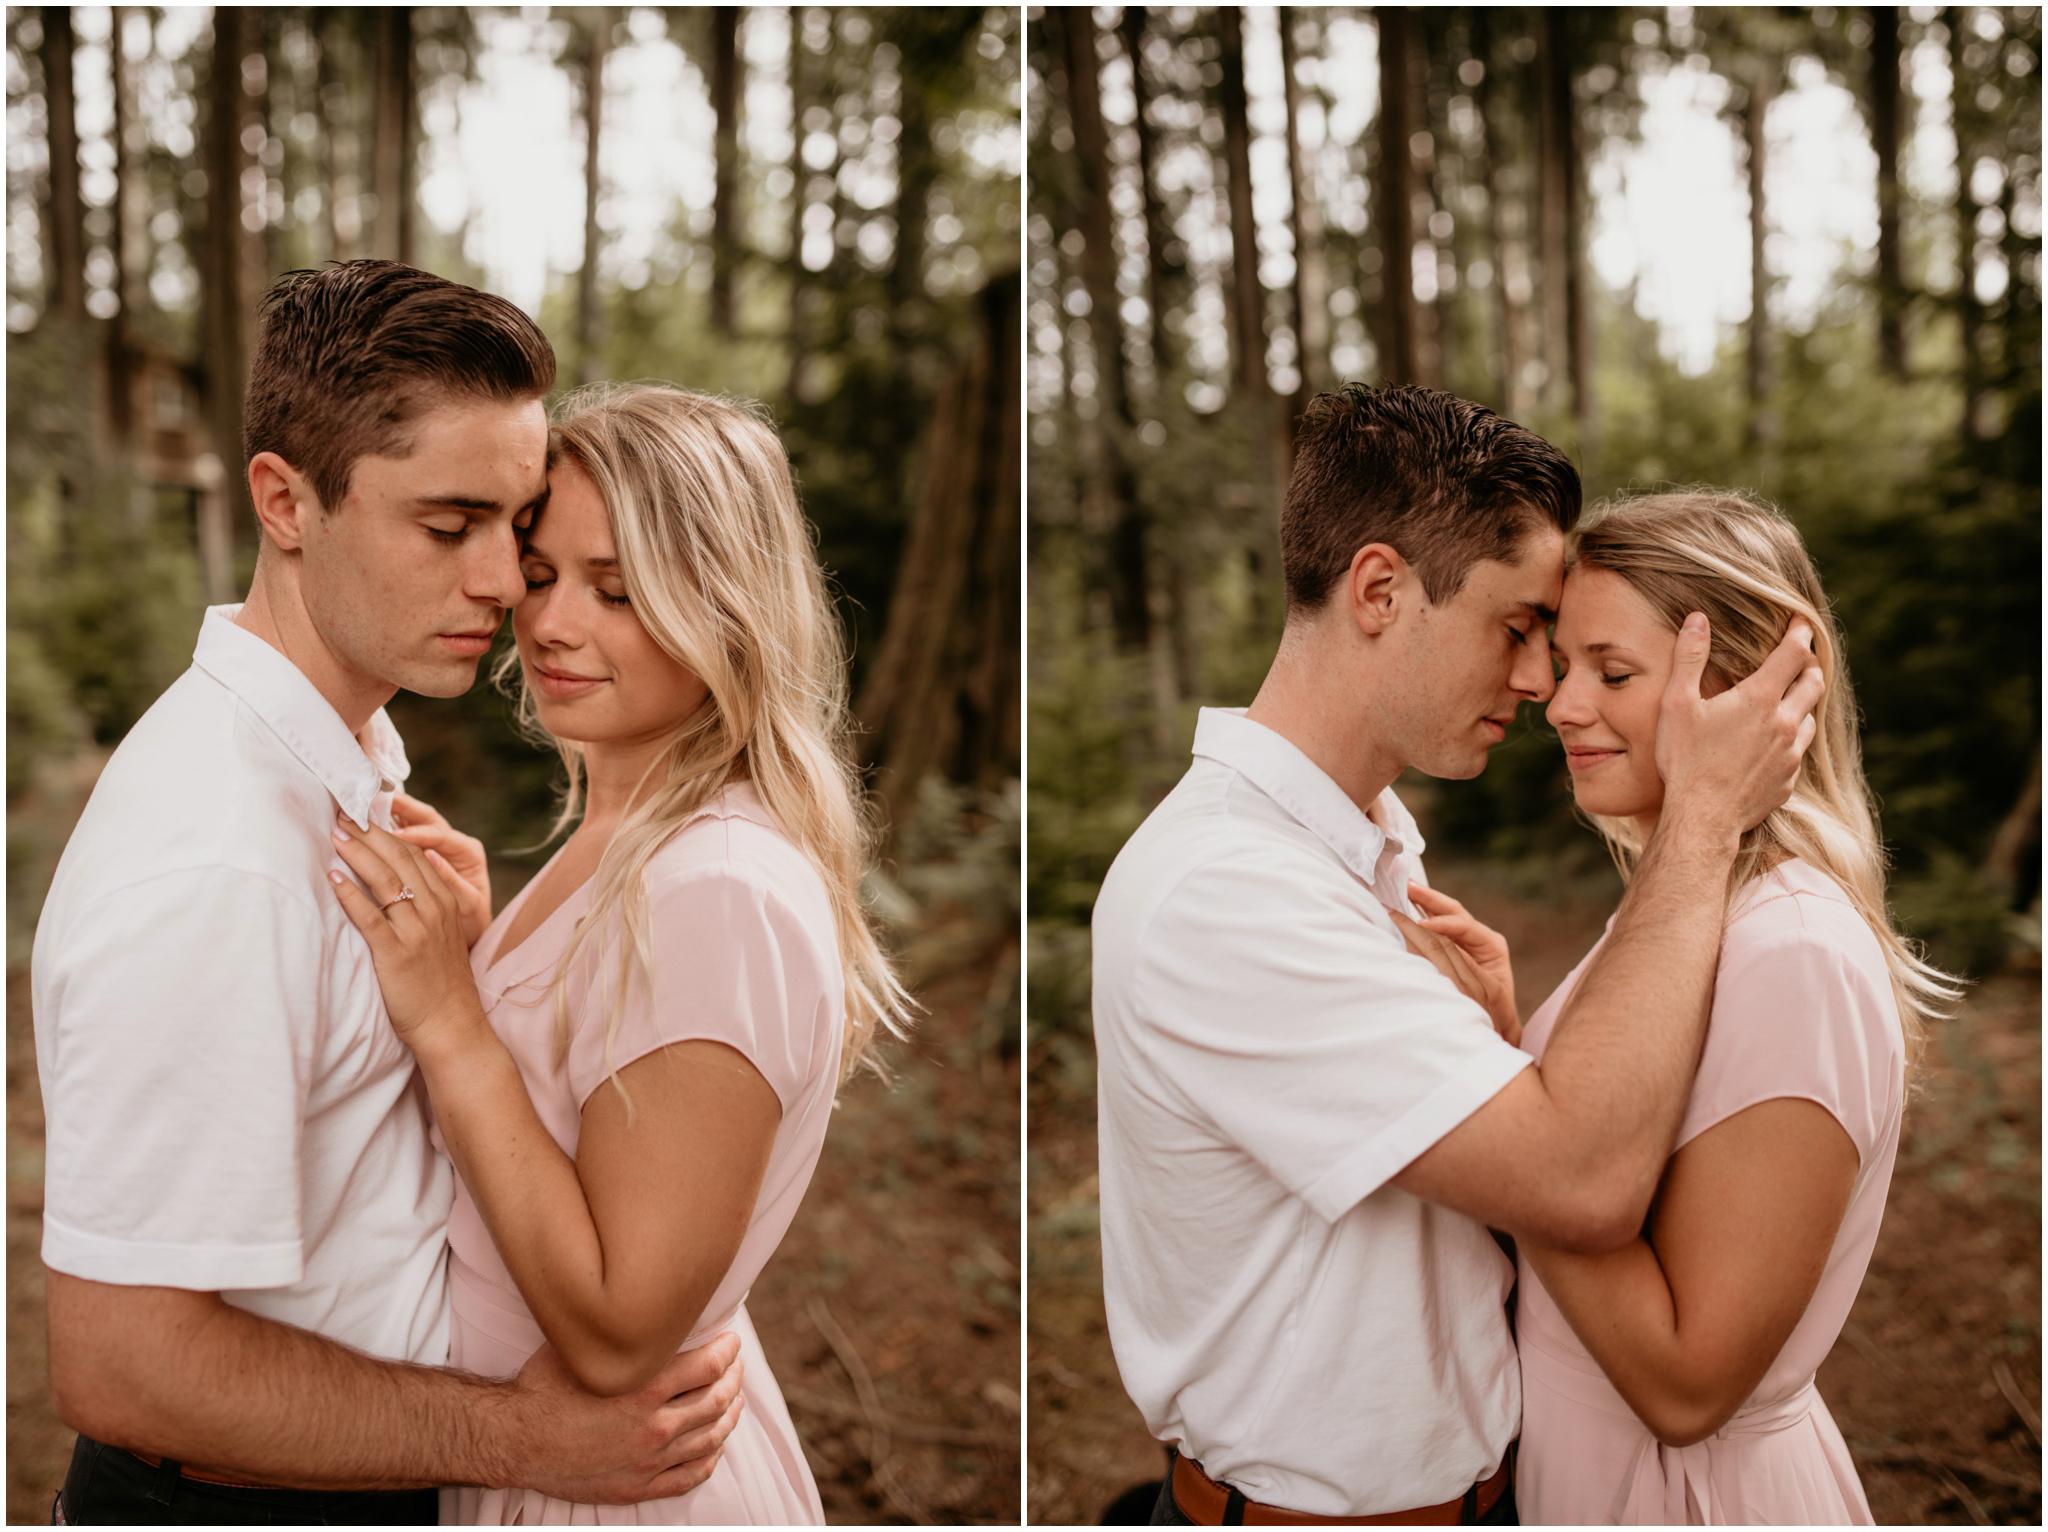 katie-nolan-rattlesnake-lake-engagement-session-seattle-wedding-photographer-009.jpg